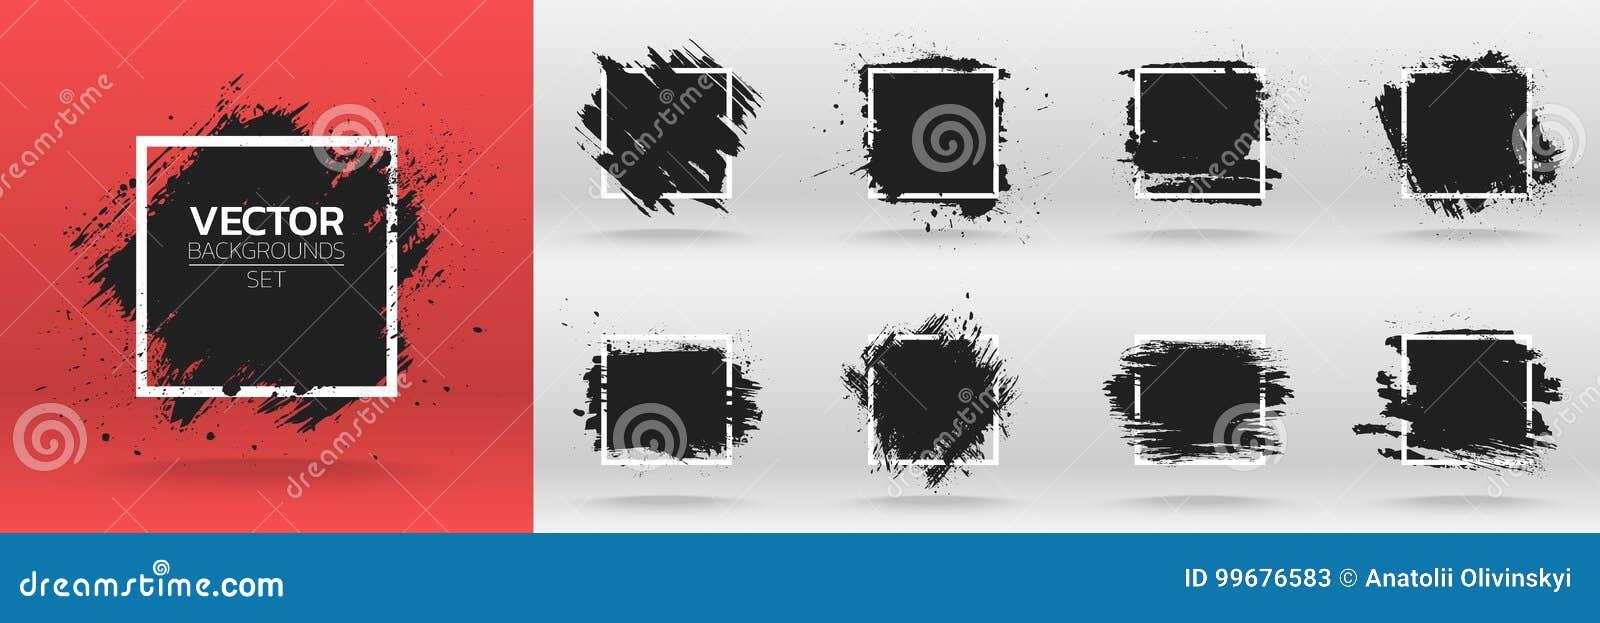 Grunge backgrounds set. Brush black paint ink stroke over square frame.